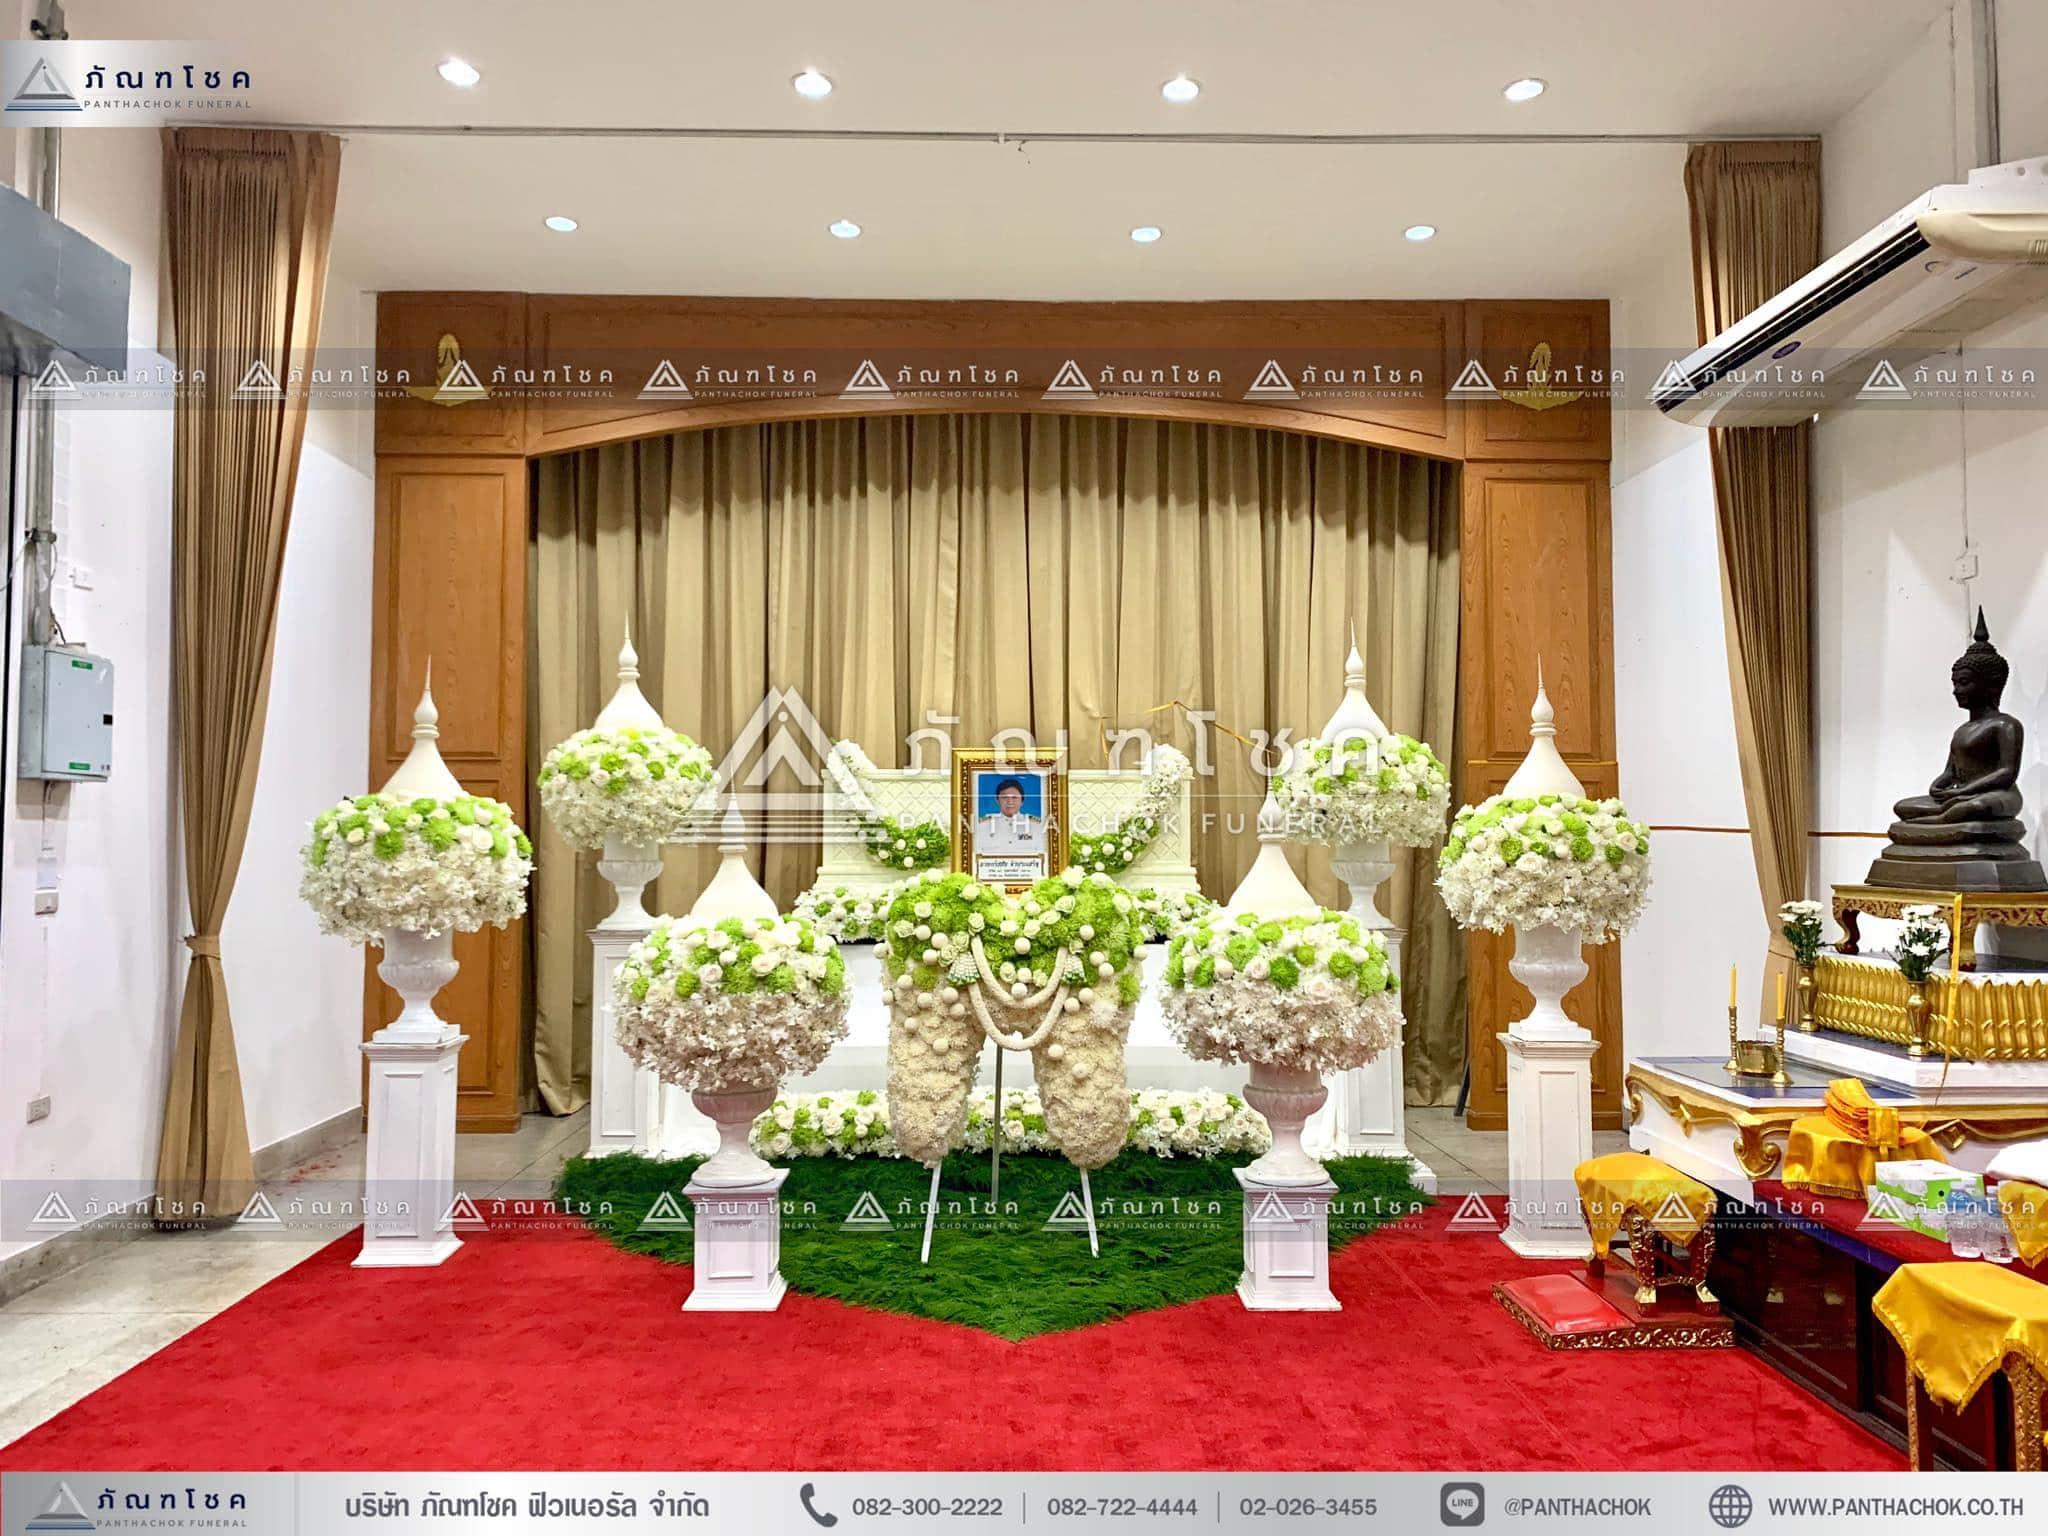 ดอกไม้งานศพ จัดดอกไม้งานศพแบบไทยประยุกต์ ดอกไม้โทนขาว เขียว